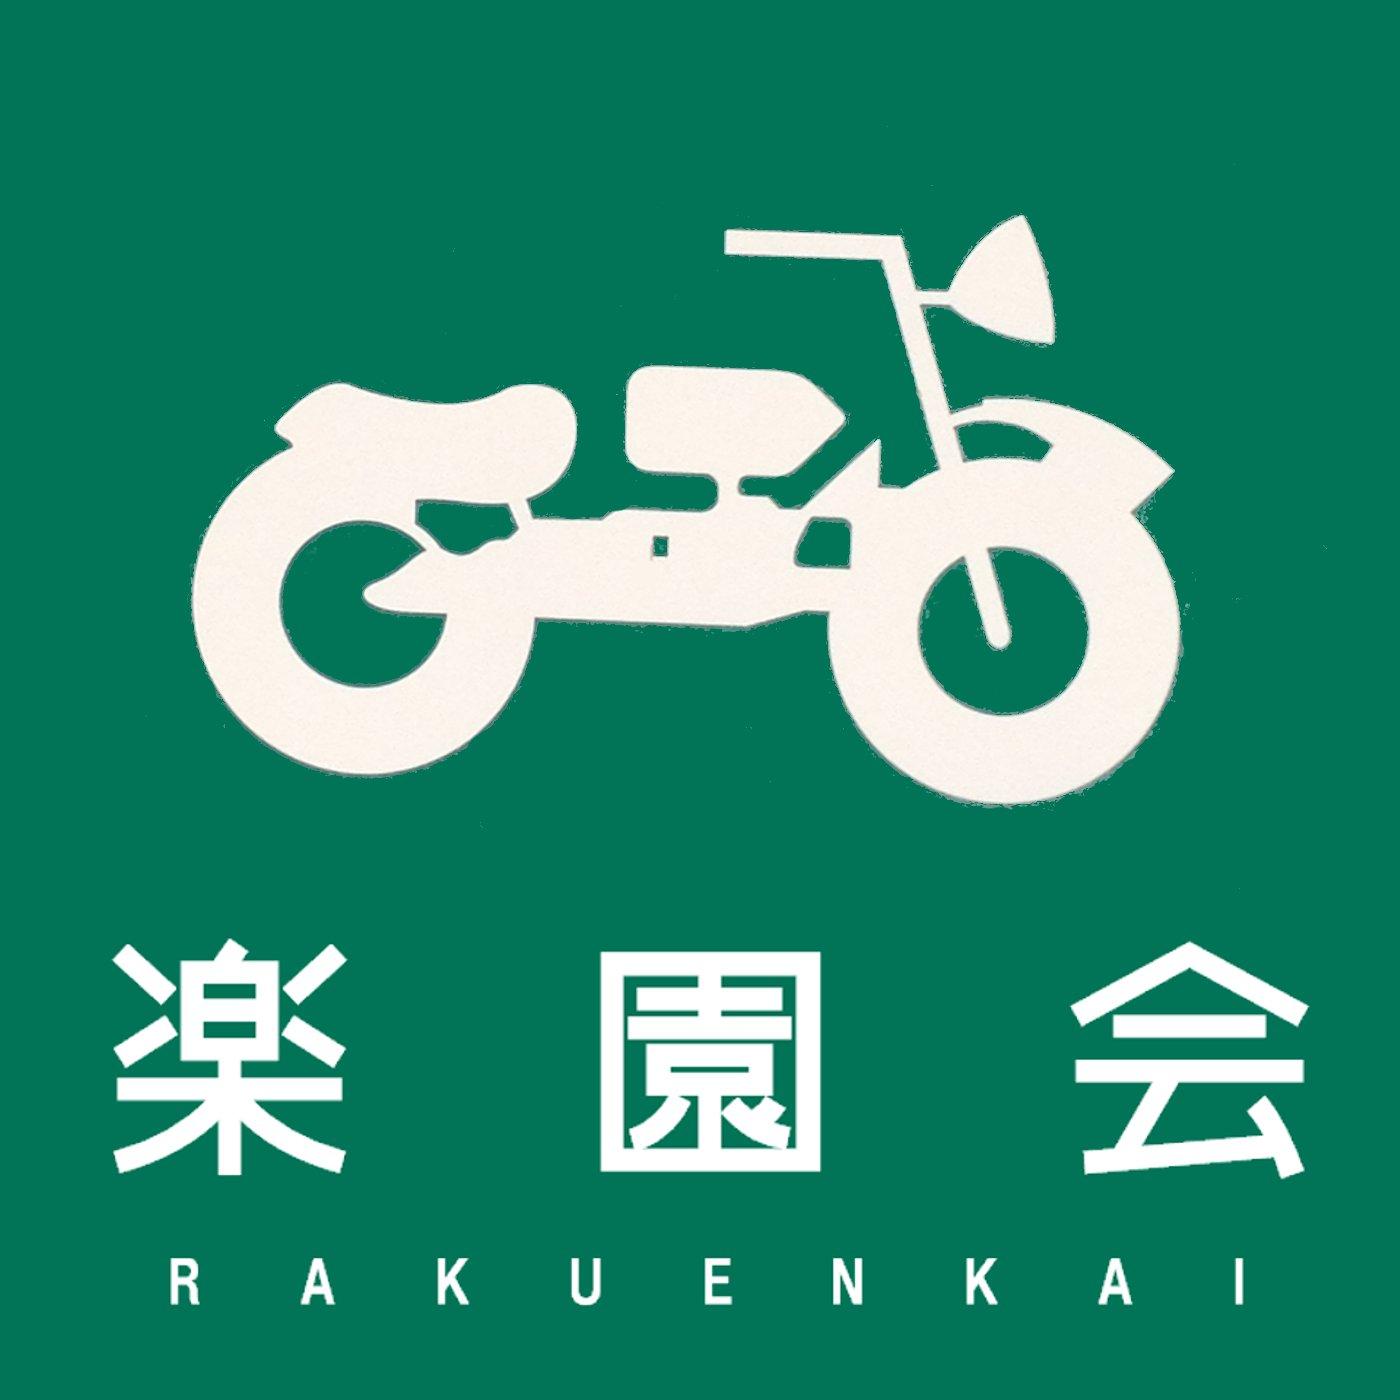 バイク系ネットラジオ楽園会